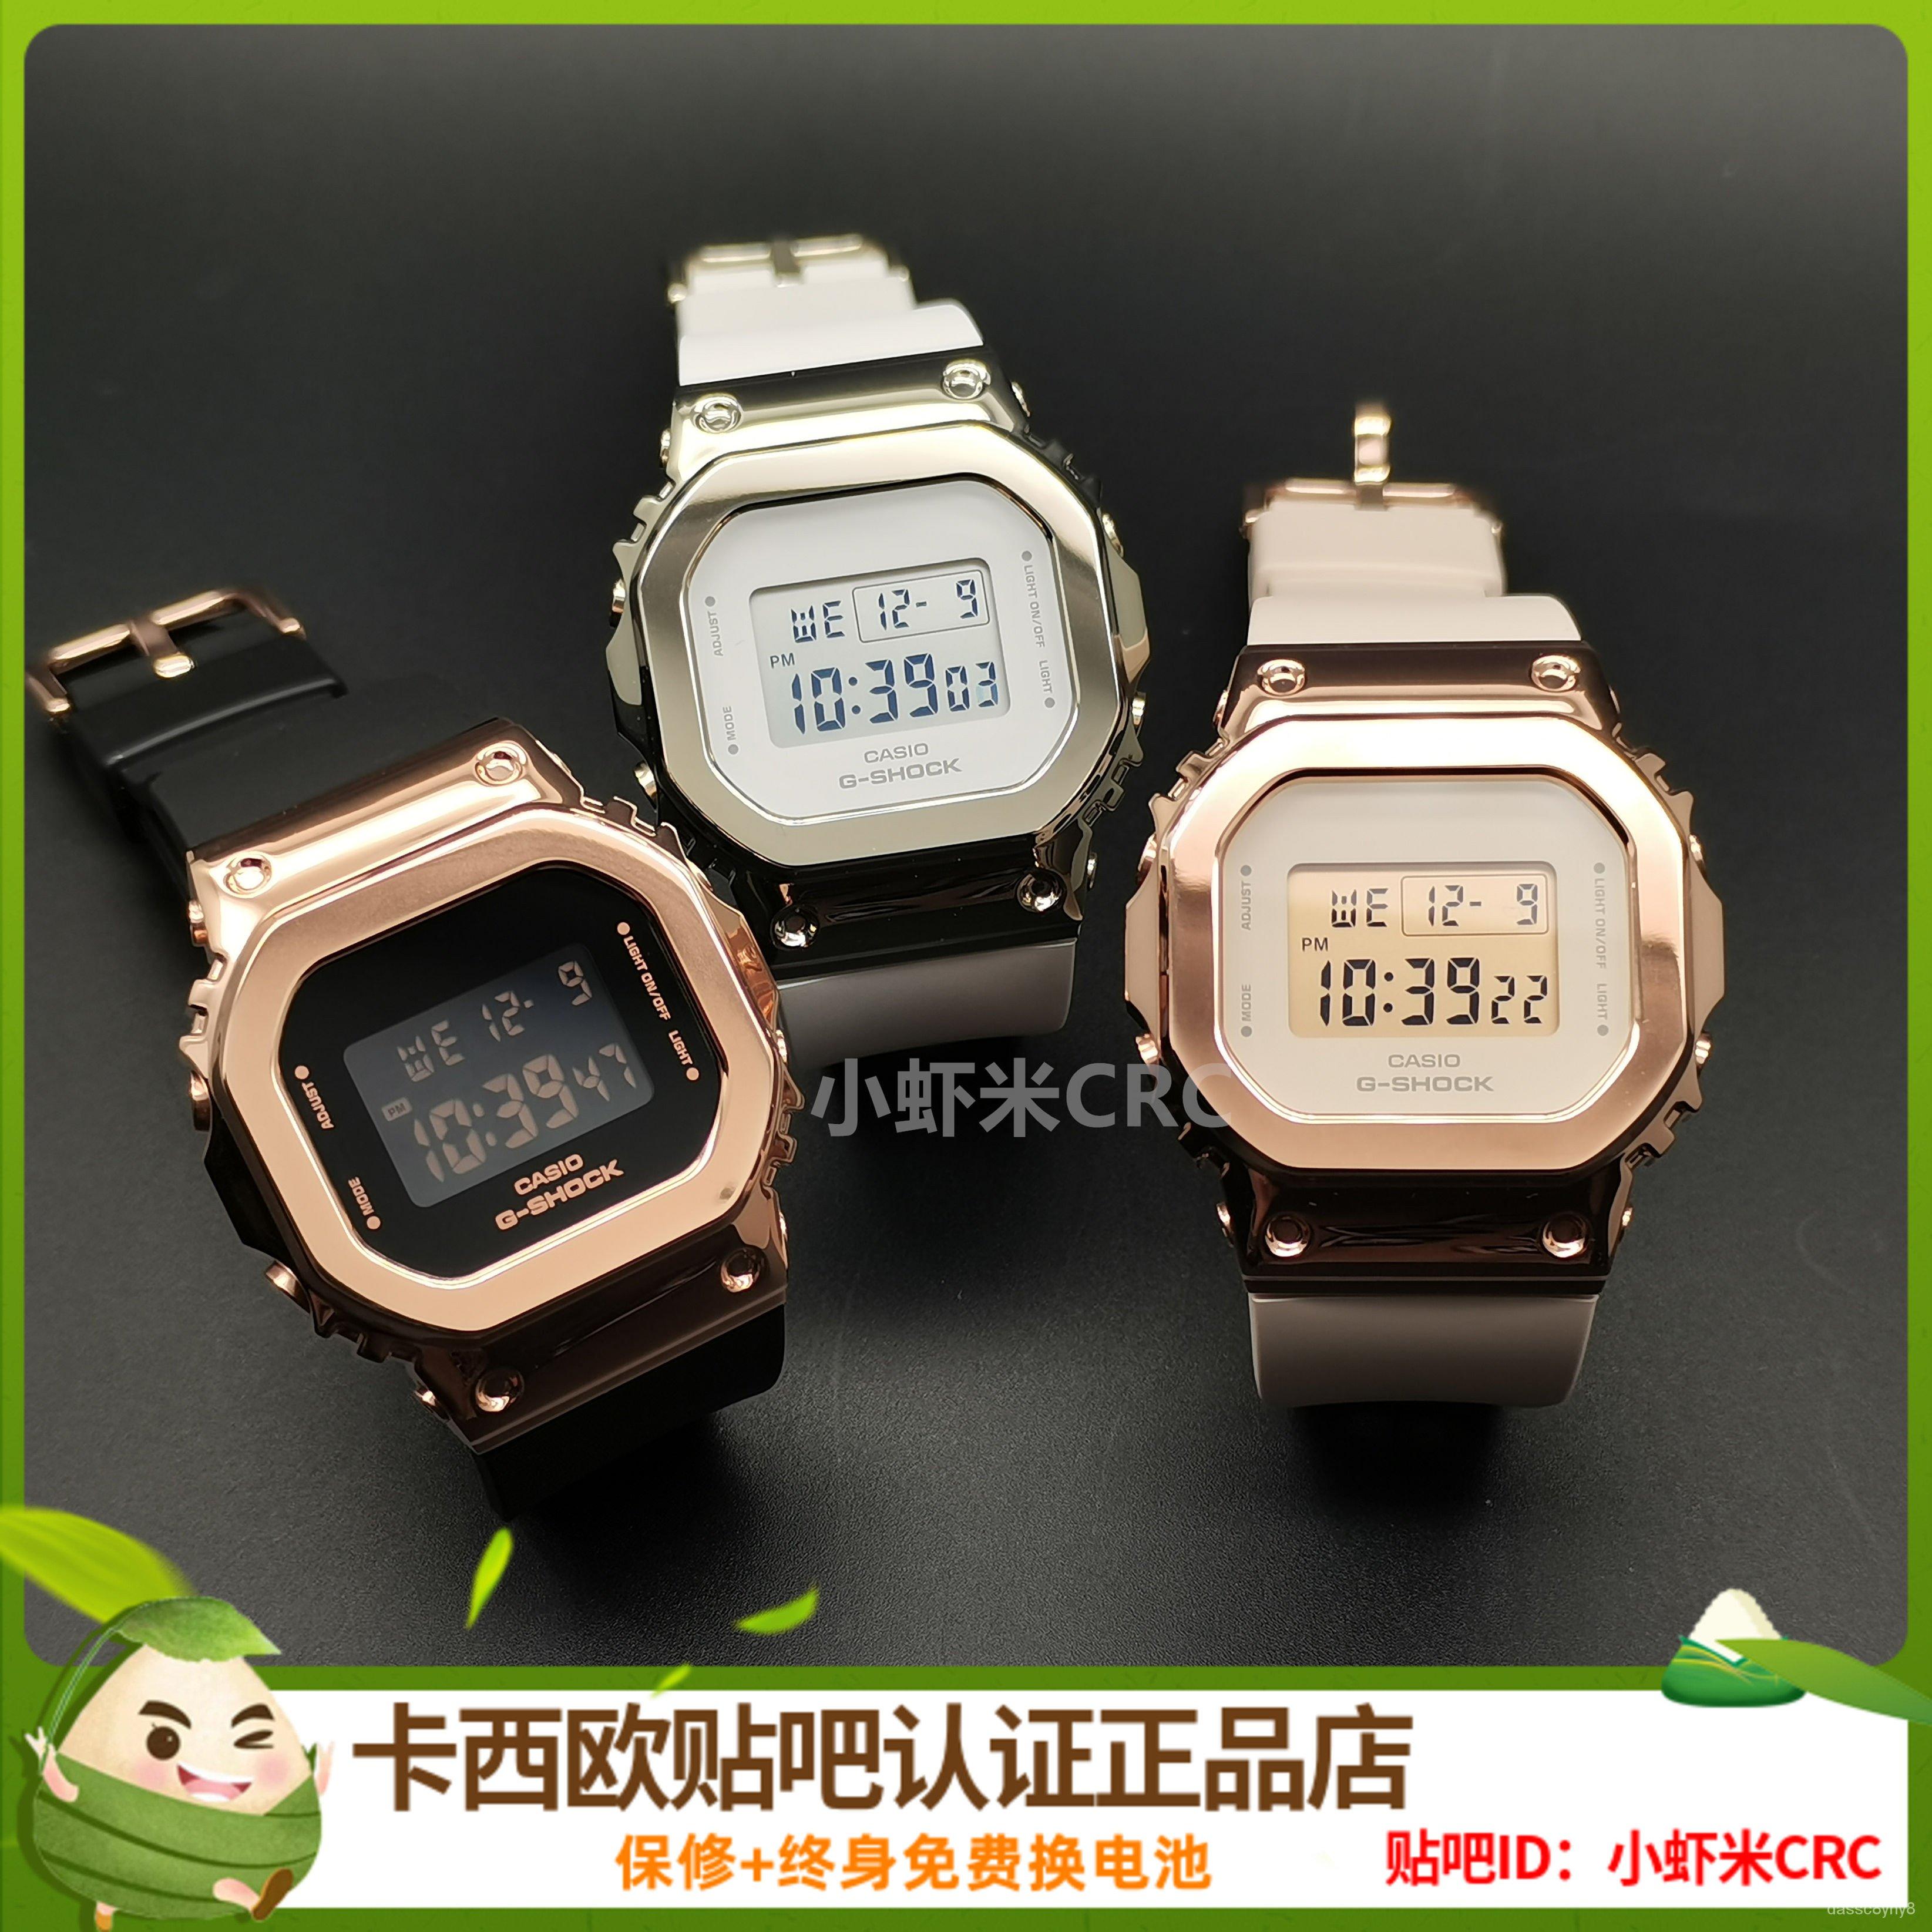 卡西歐G-SHOCK玫瑰金金屬小方塊防水手錶GM-S5600-1/S5600PG-4/1 gAuR